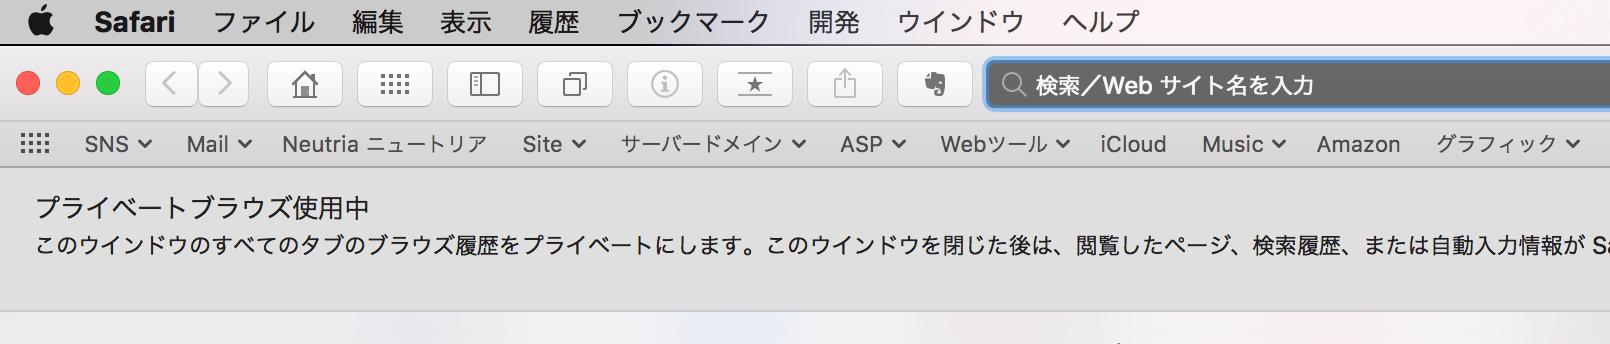 Safari_プライベイトブラウズ_2